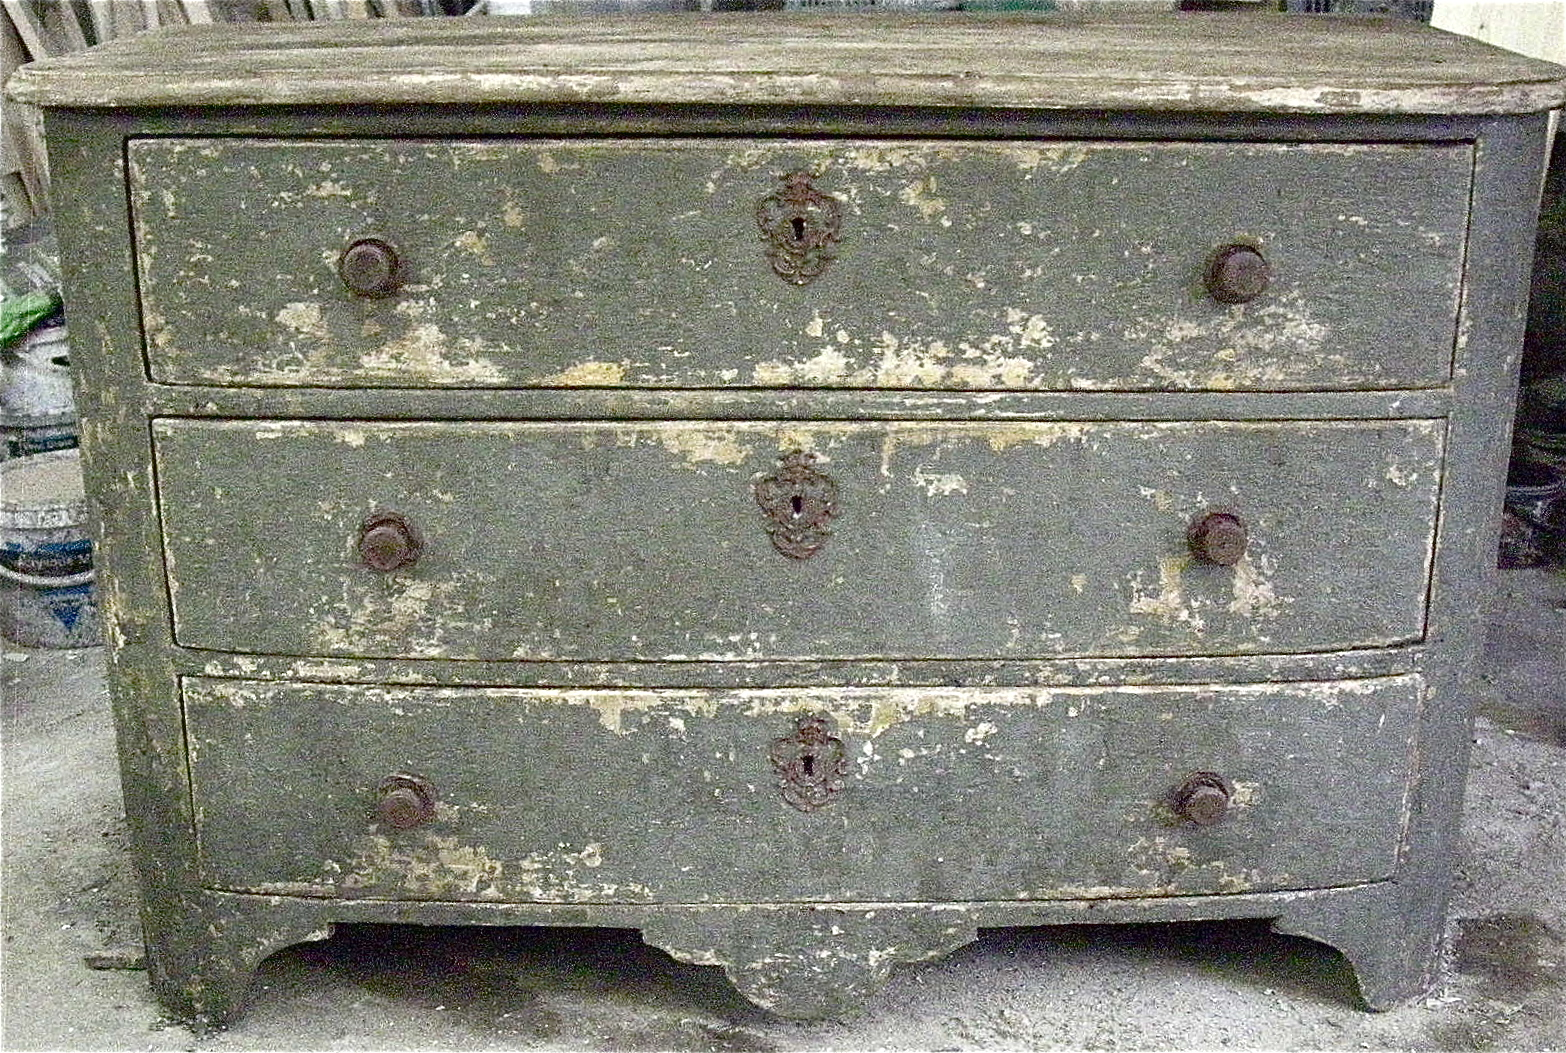 Comment Patiner Un Meuble patines de meubles provence-france: provence, atelier de